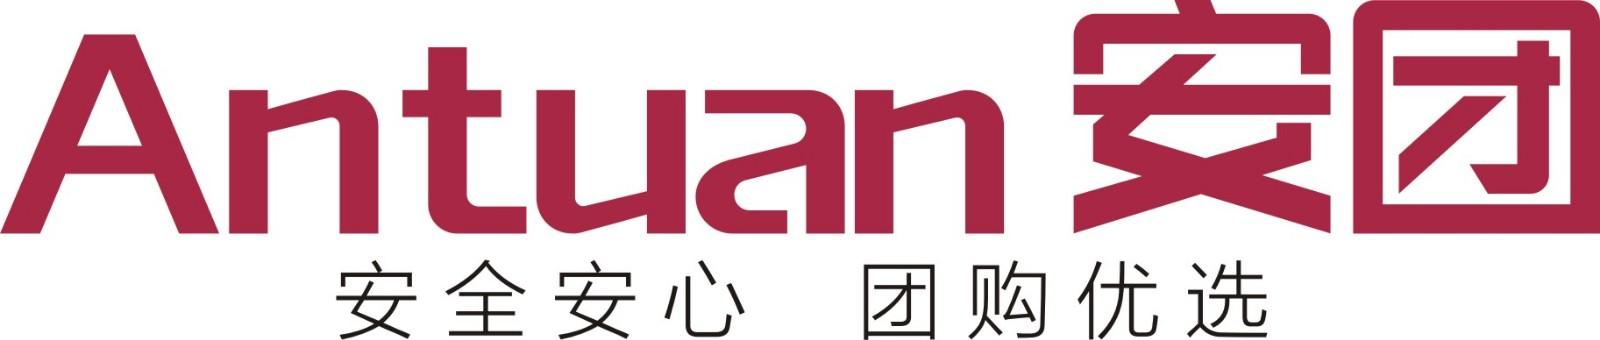 长沙安团科技网络有限公司